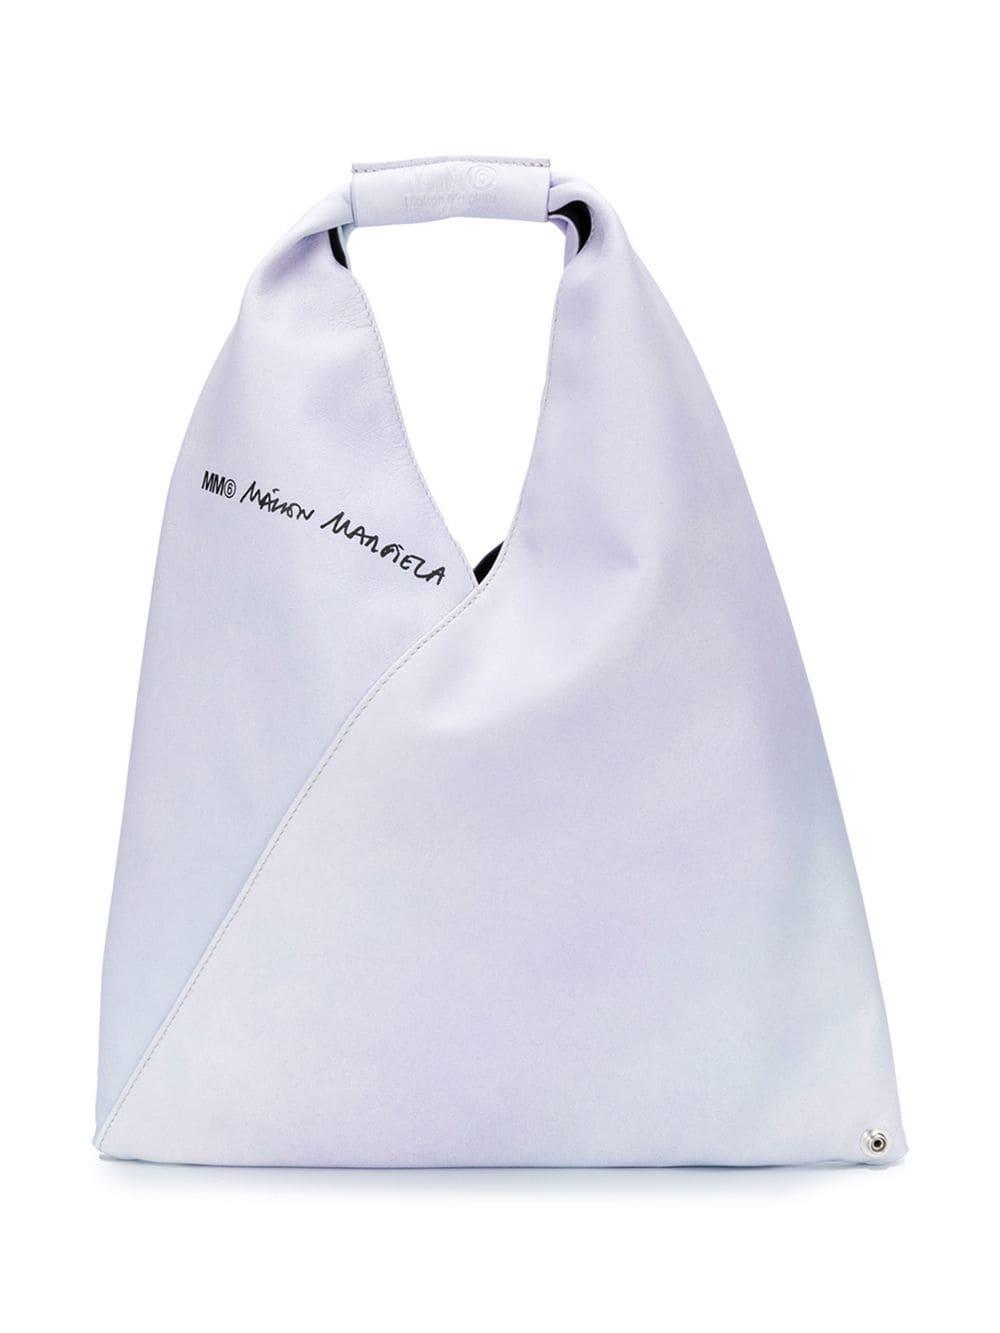 Mm6 Maison Margiela Handtasche mit Druckknopf - Lila